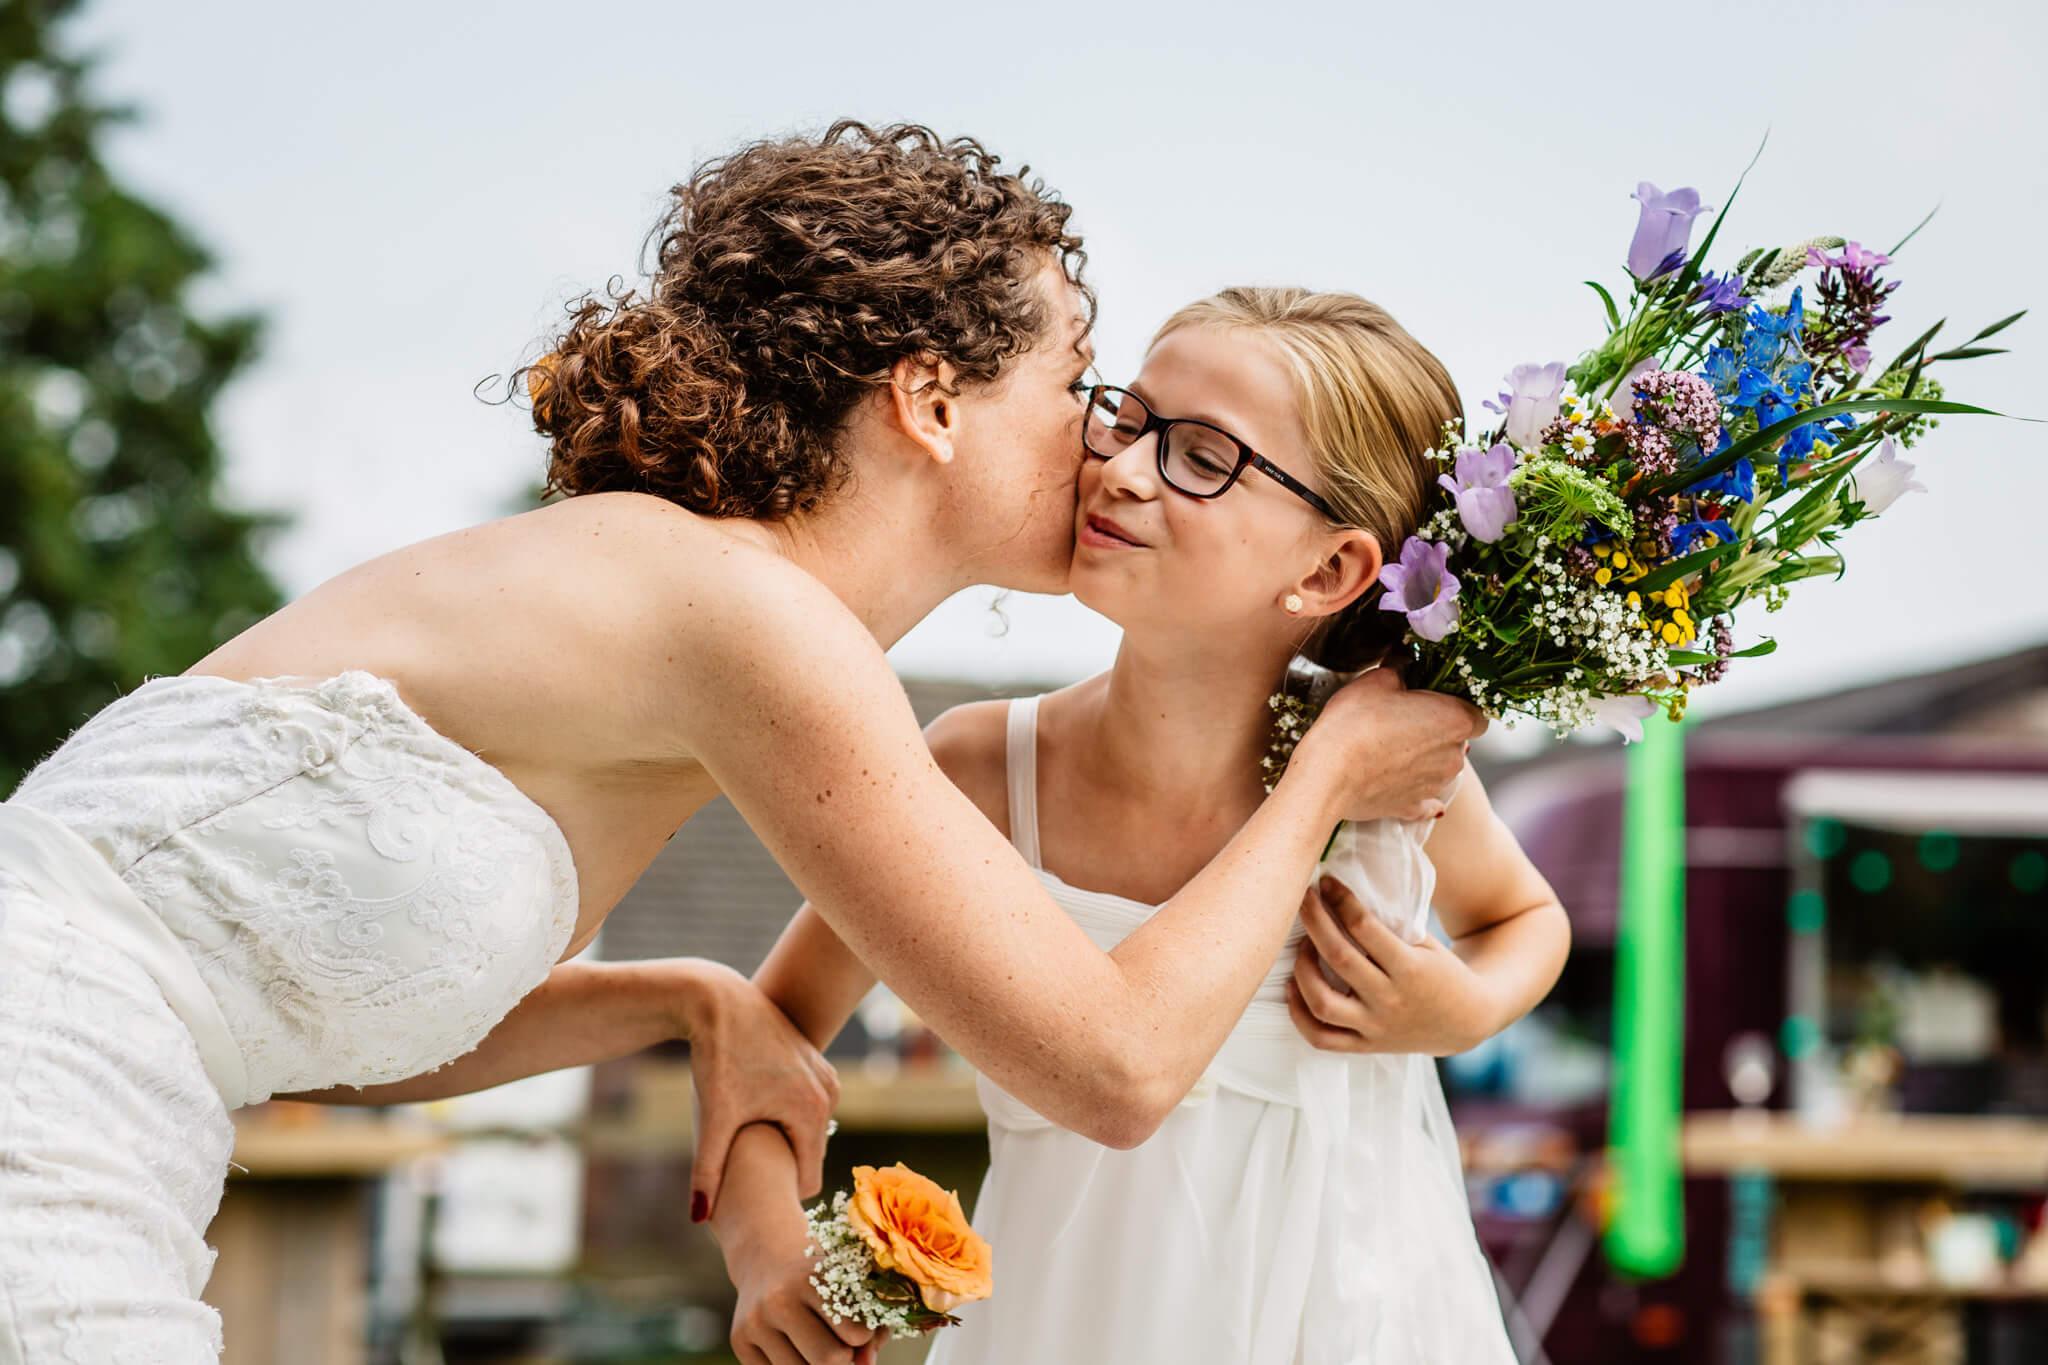 festivalbruiloft-bruidsfotograaf-utrecht-9.jpg